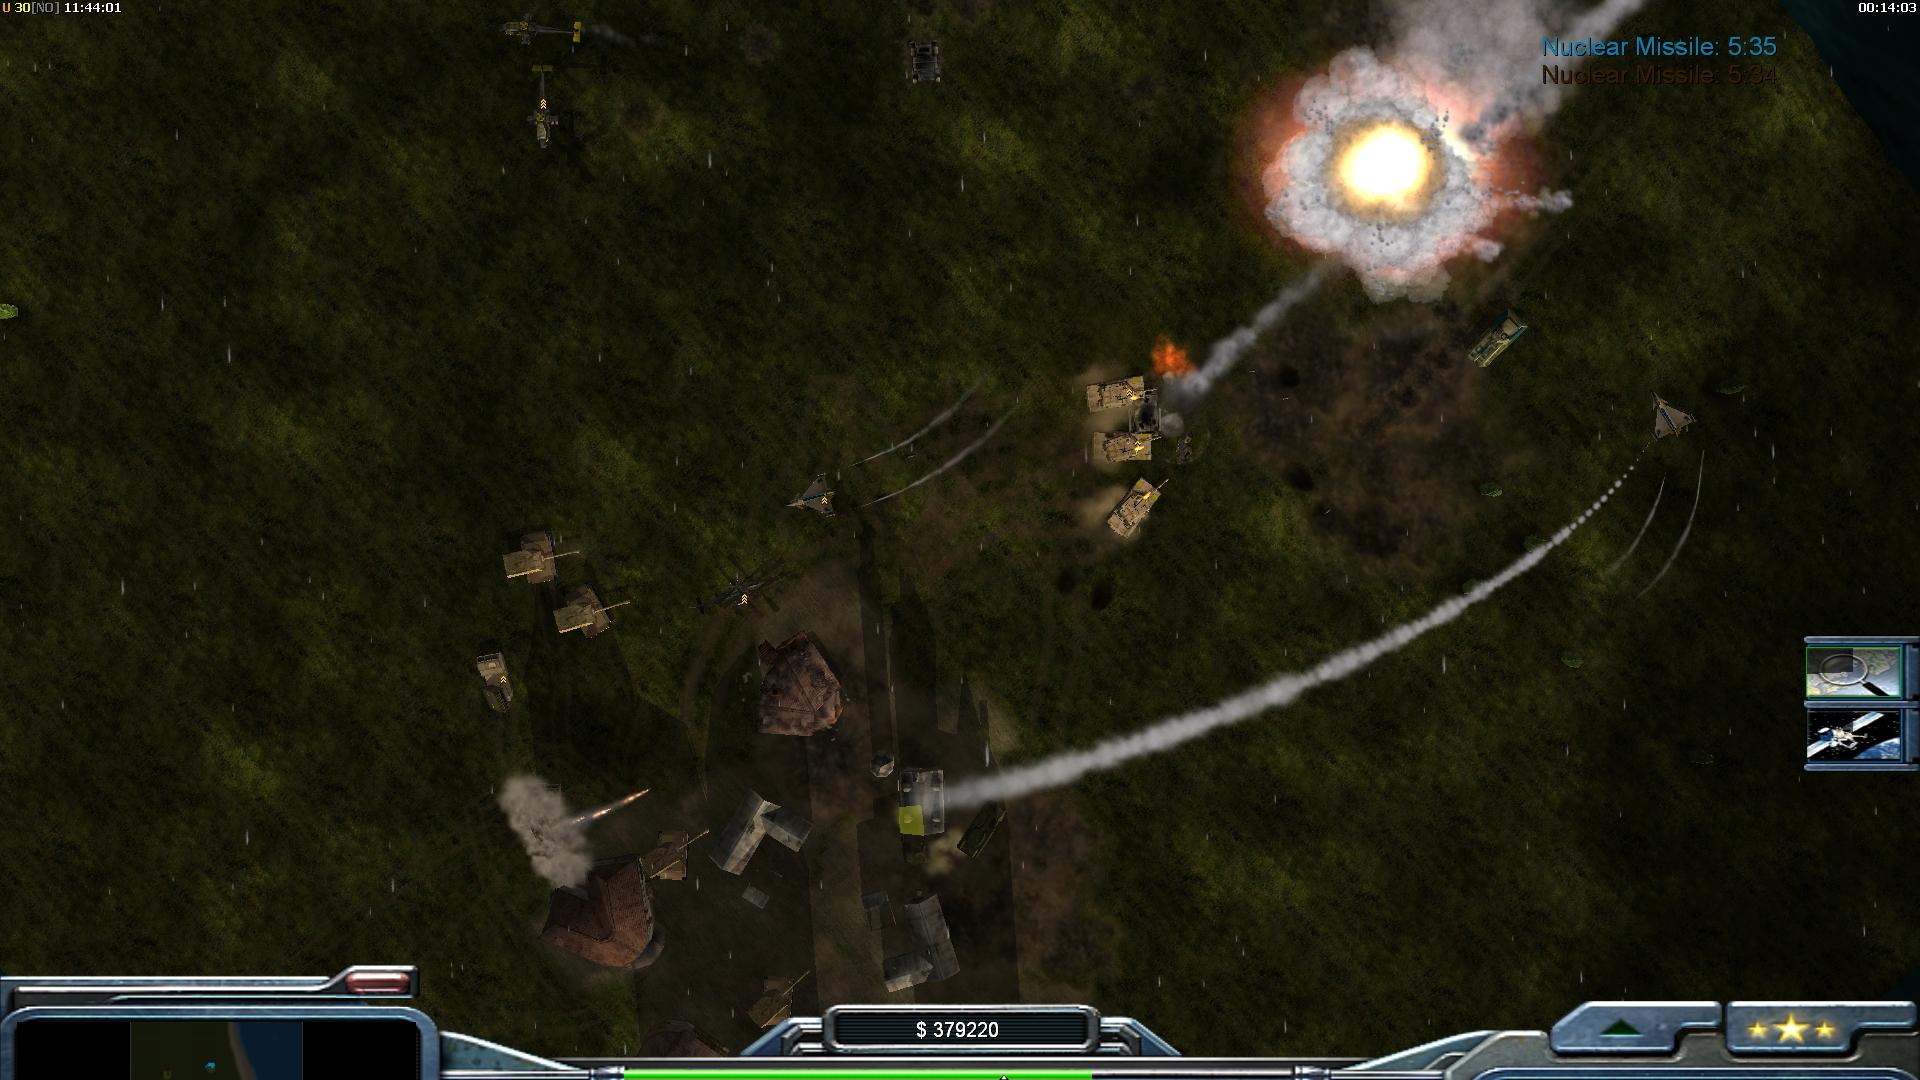 Ah-1z * ah-64 * comanche earth conflict mod for cc generals zero hour, ah 1z supercobra, image, screenshots, screens